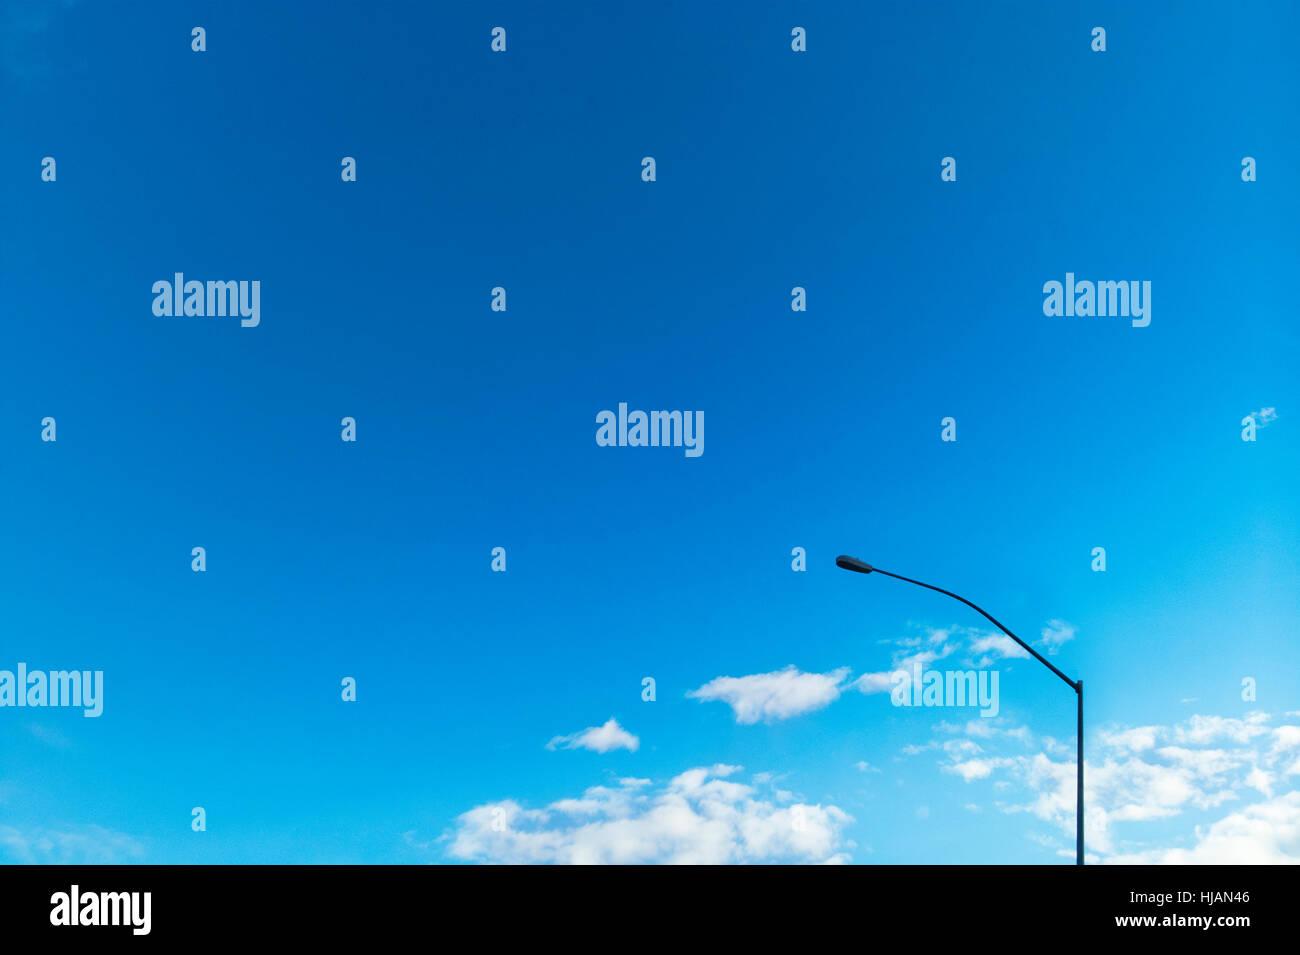 Lumière sur un poteau électrique jour bleu avec copie espace. Photo Stock